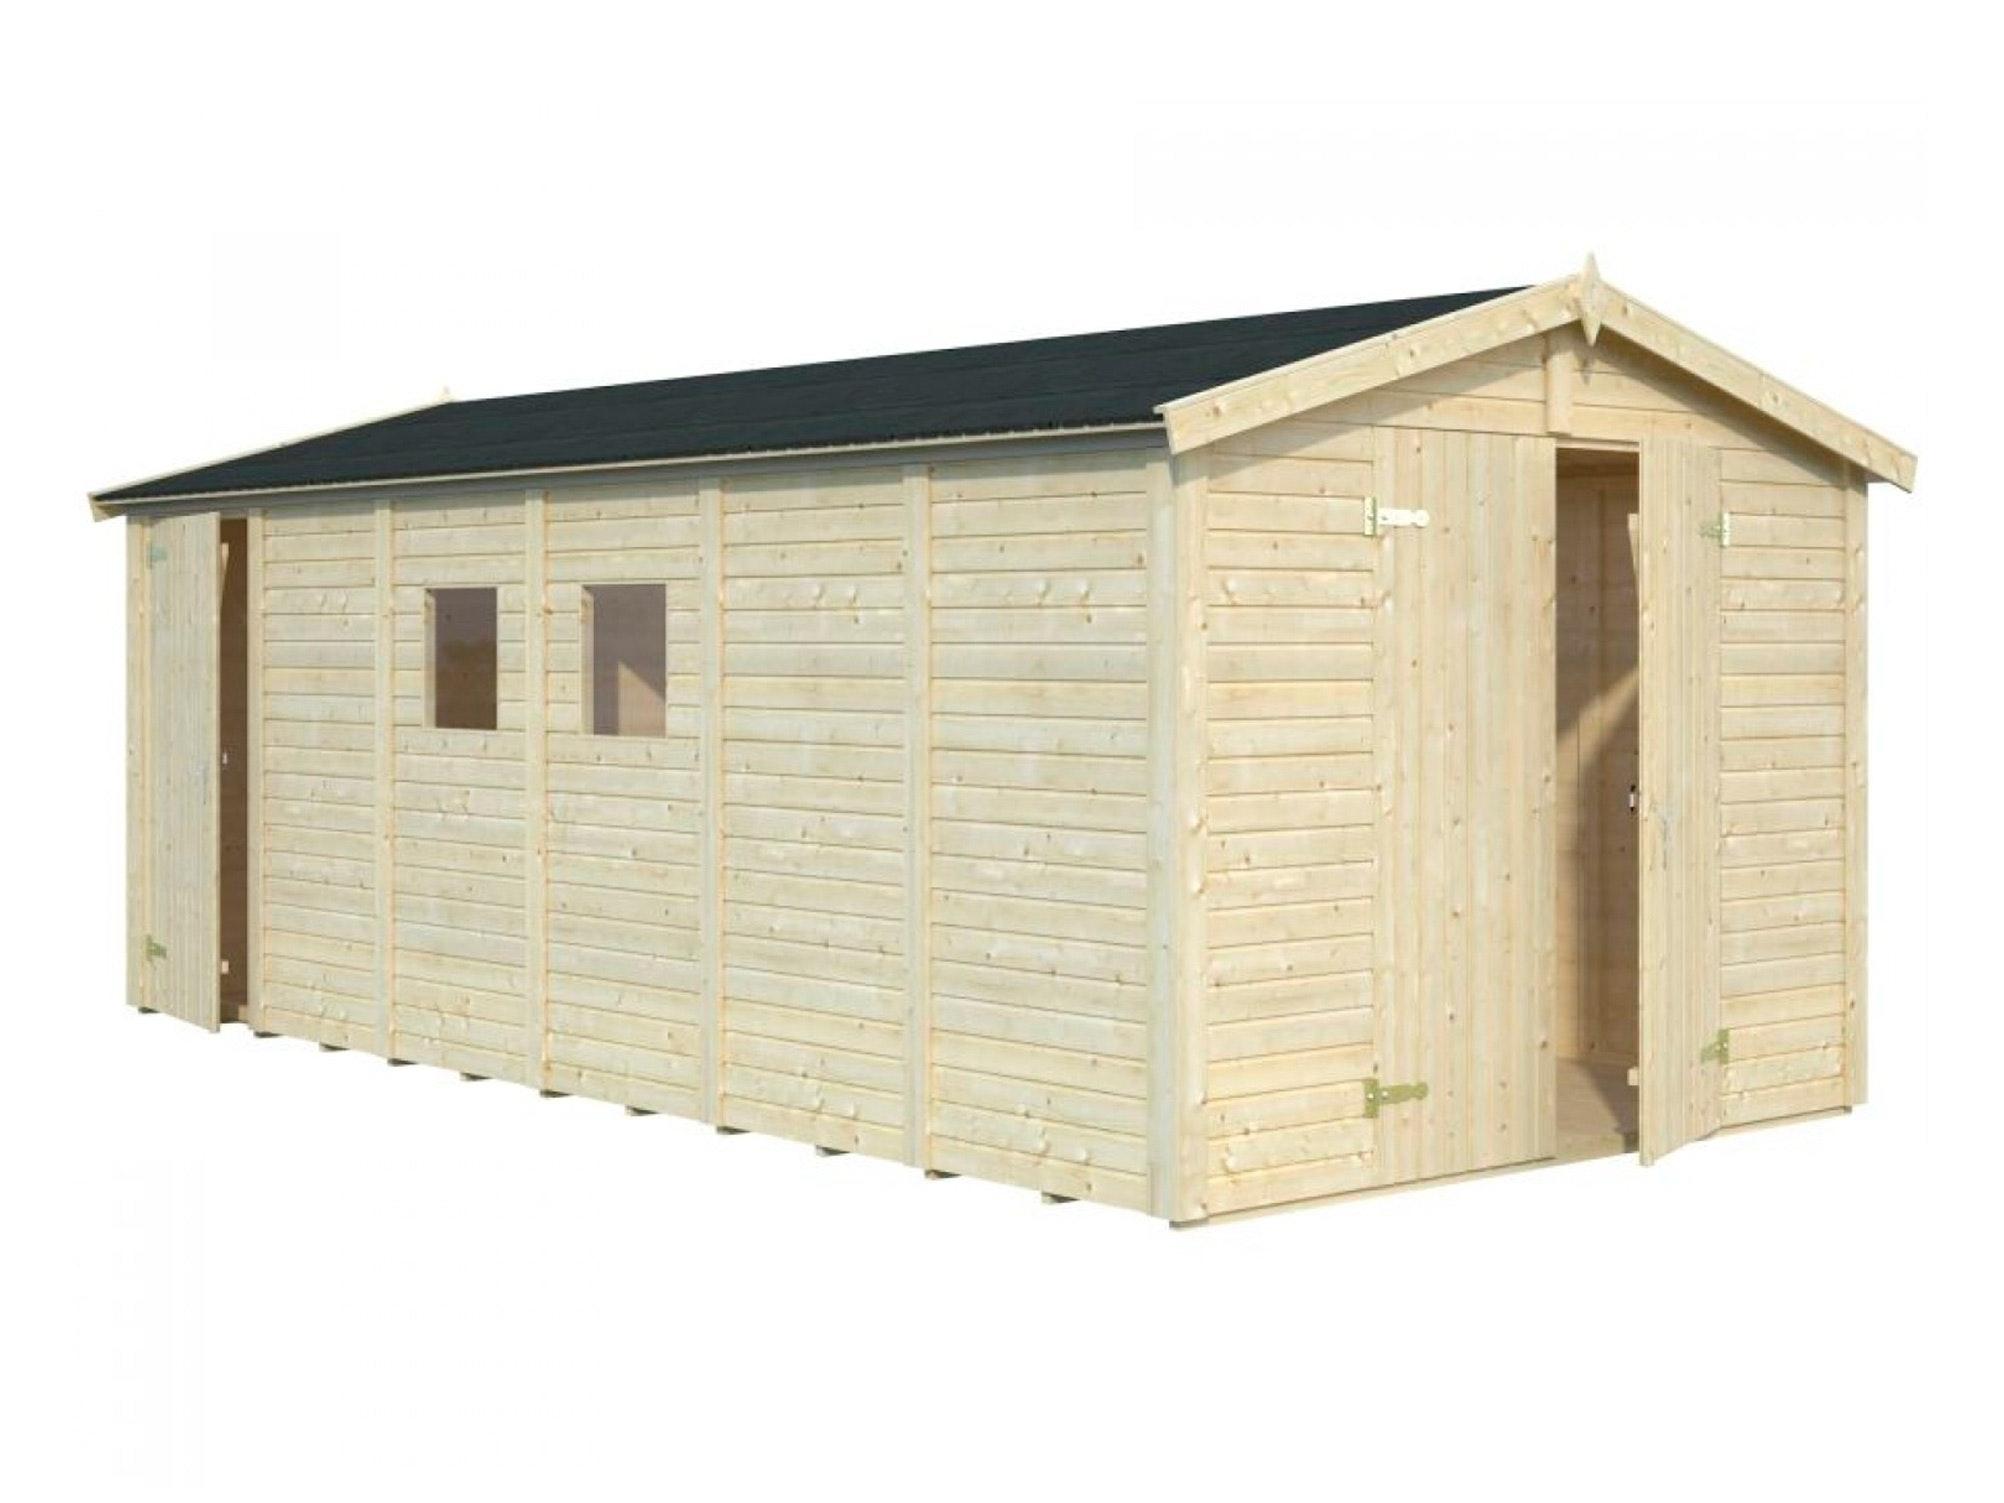 Wooden Garden Shed Dan 2.73m x 5.5m x 1.9m